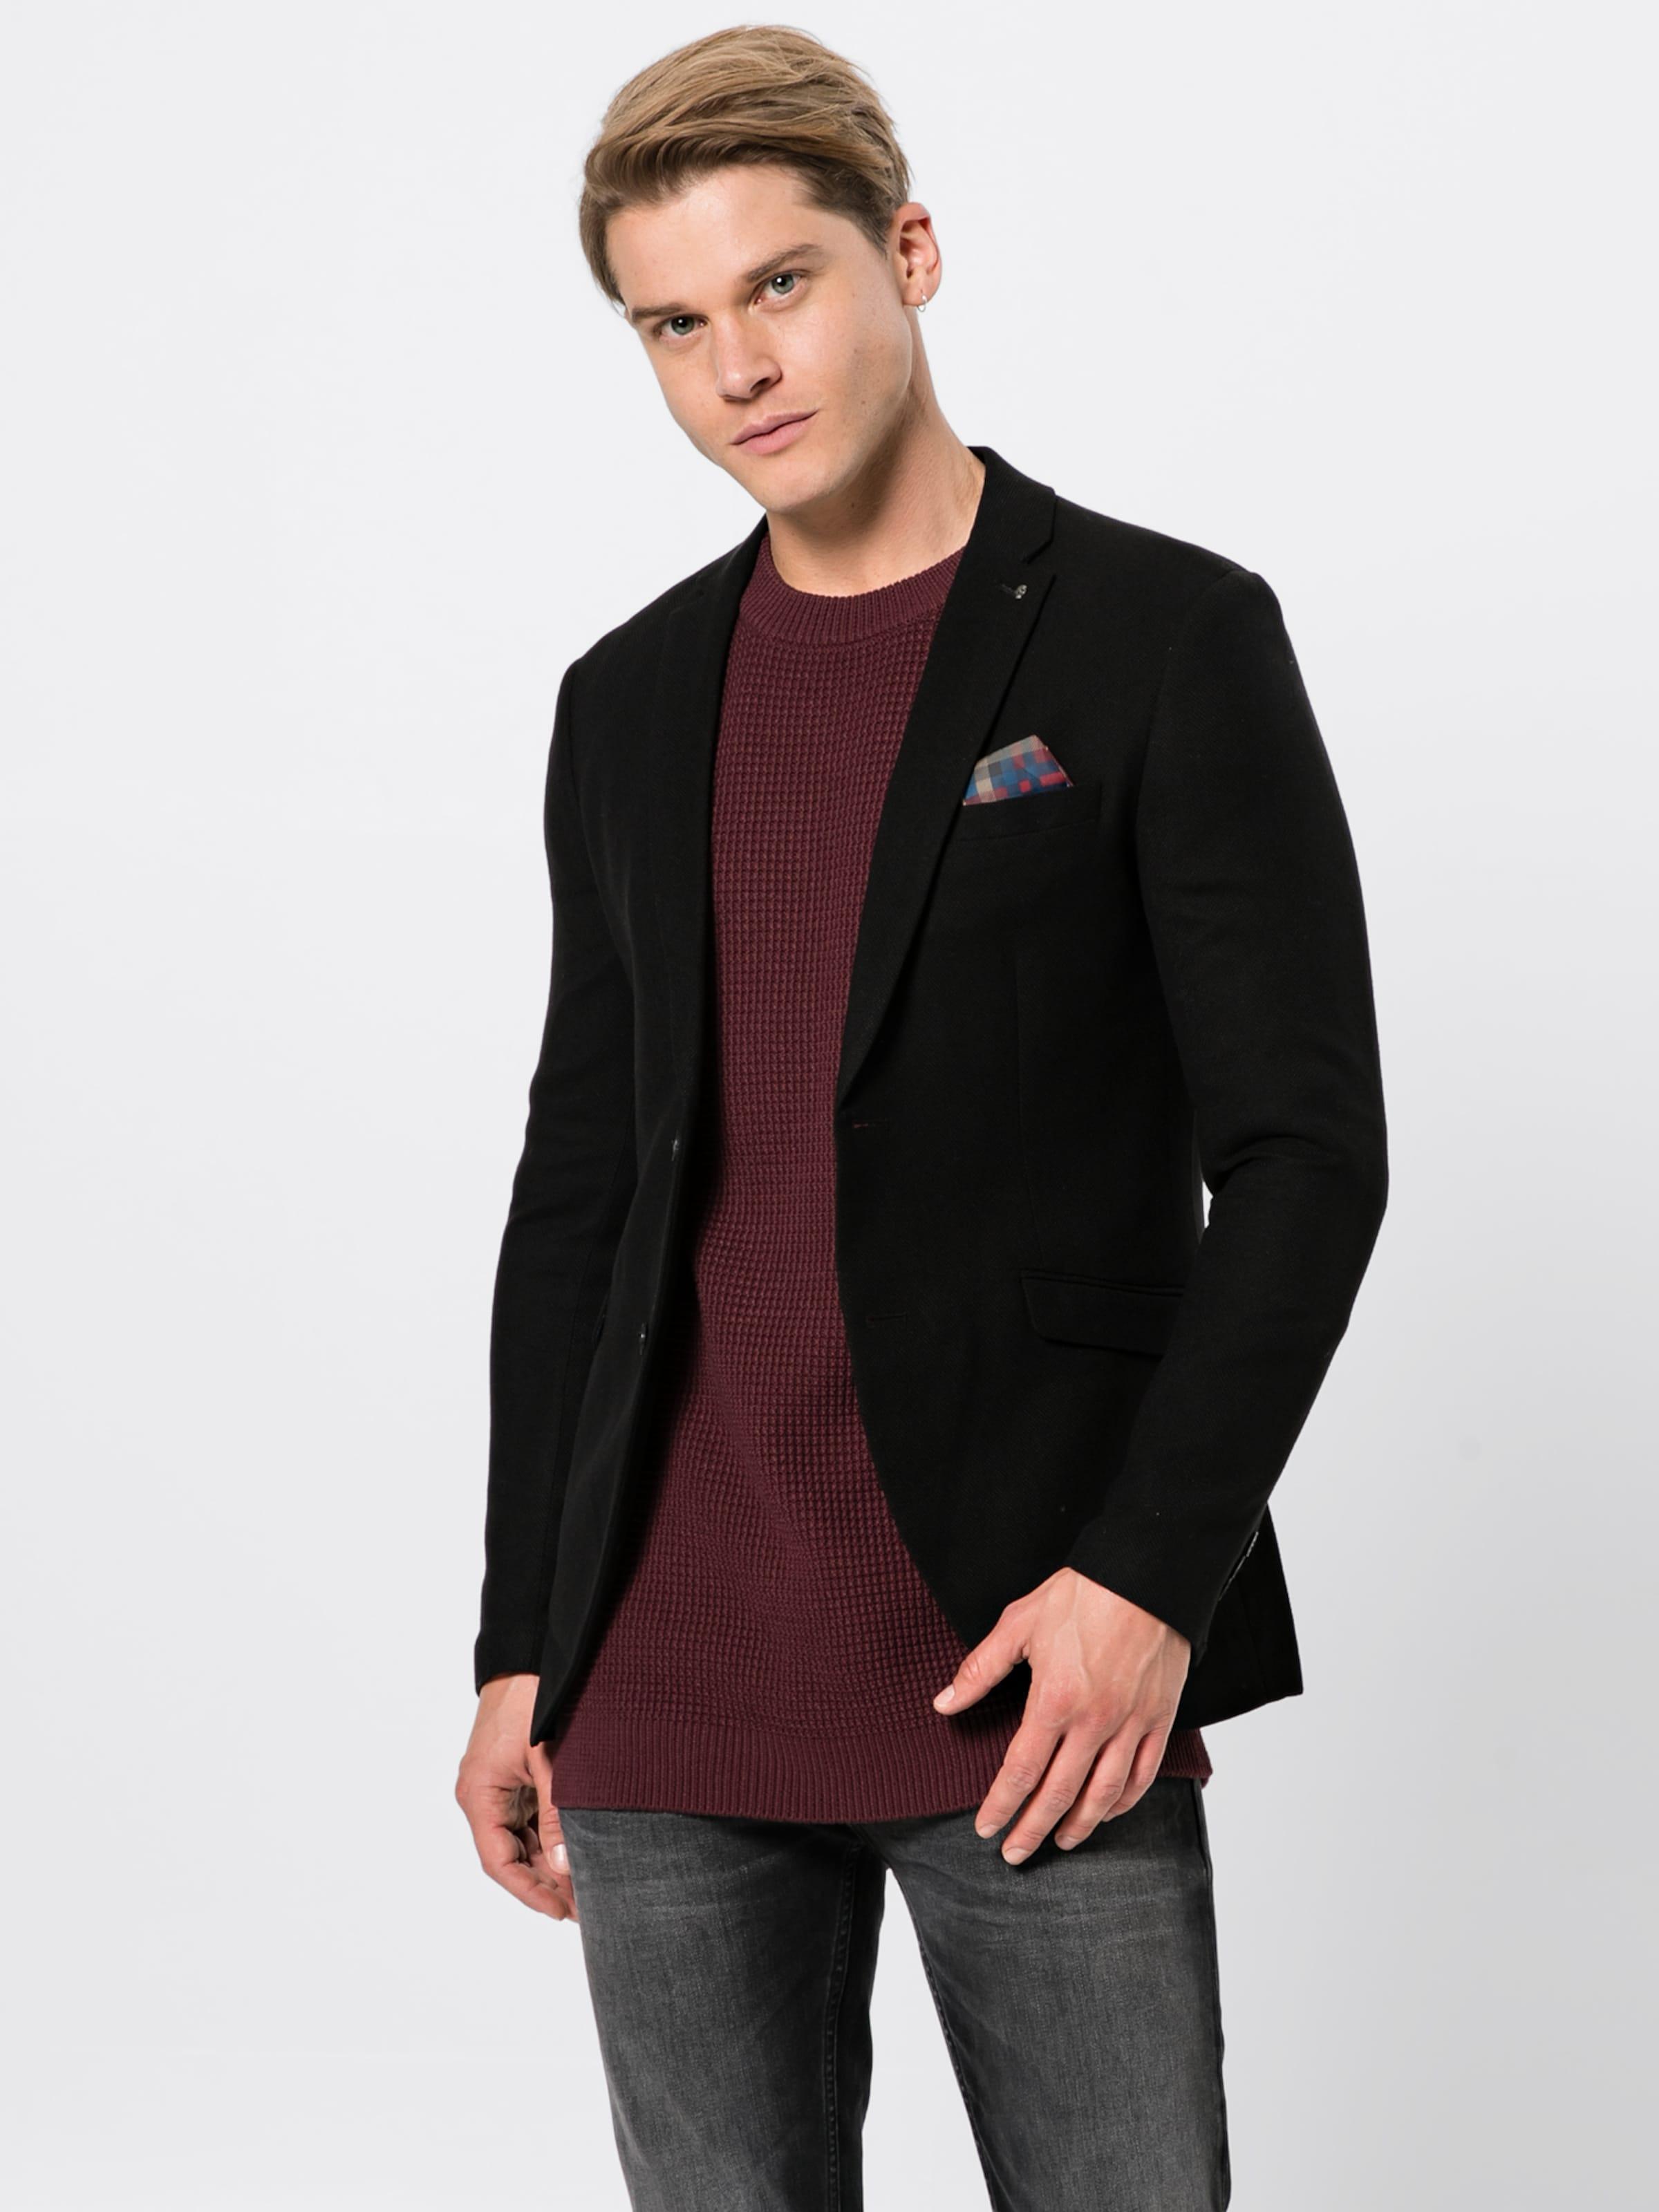 Blazer' En 'jproslo Jackamp; Veste De Jones Costume Noir bf6g7Yyv